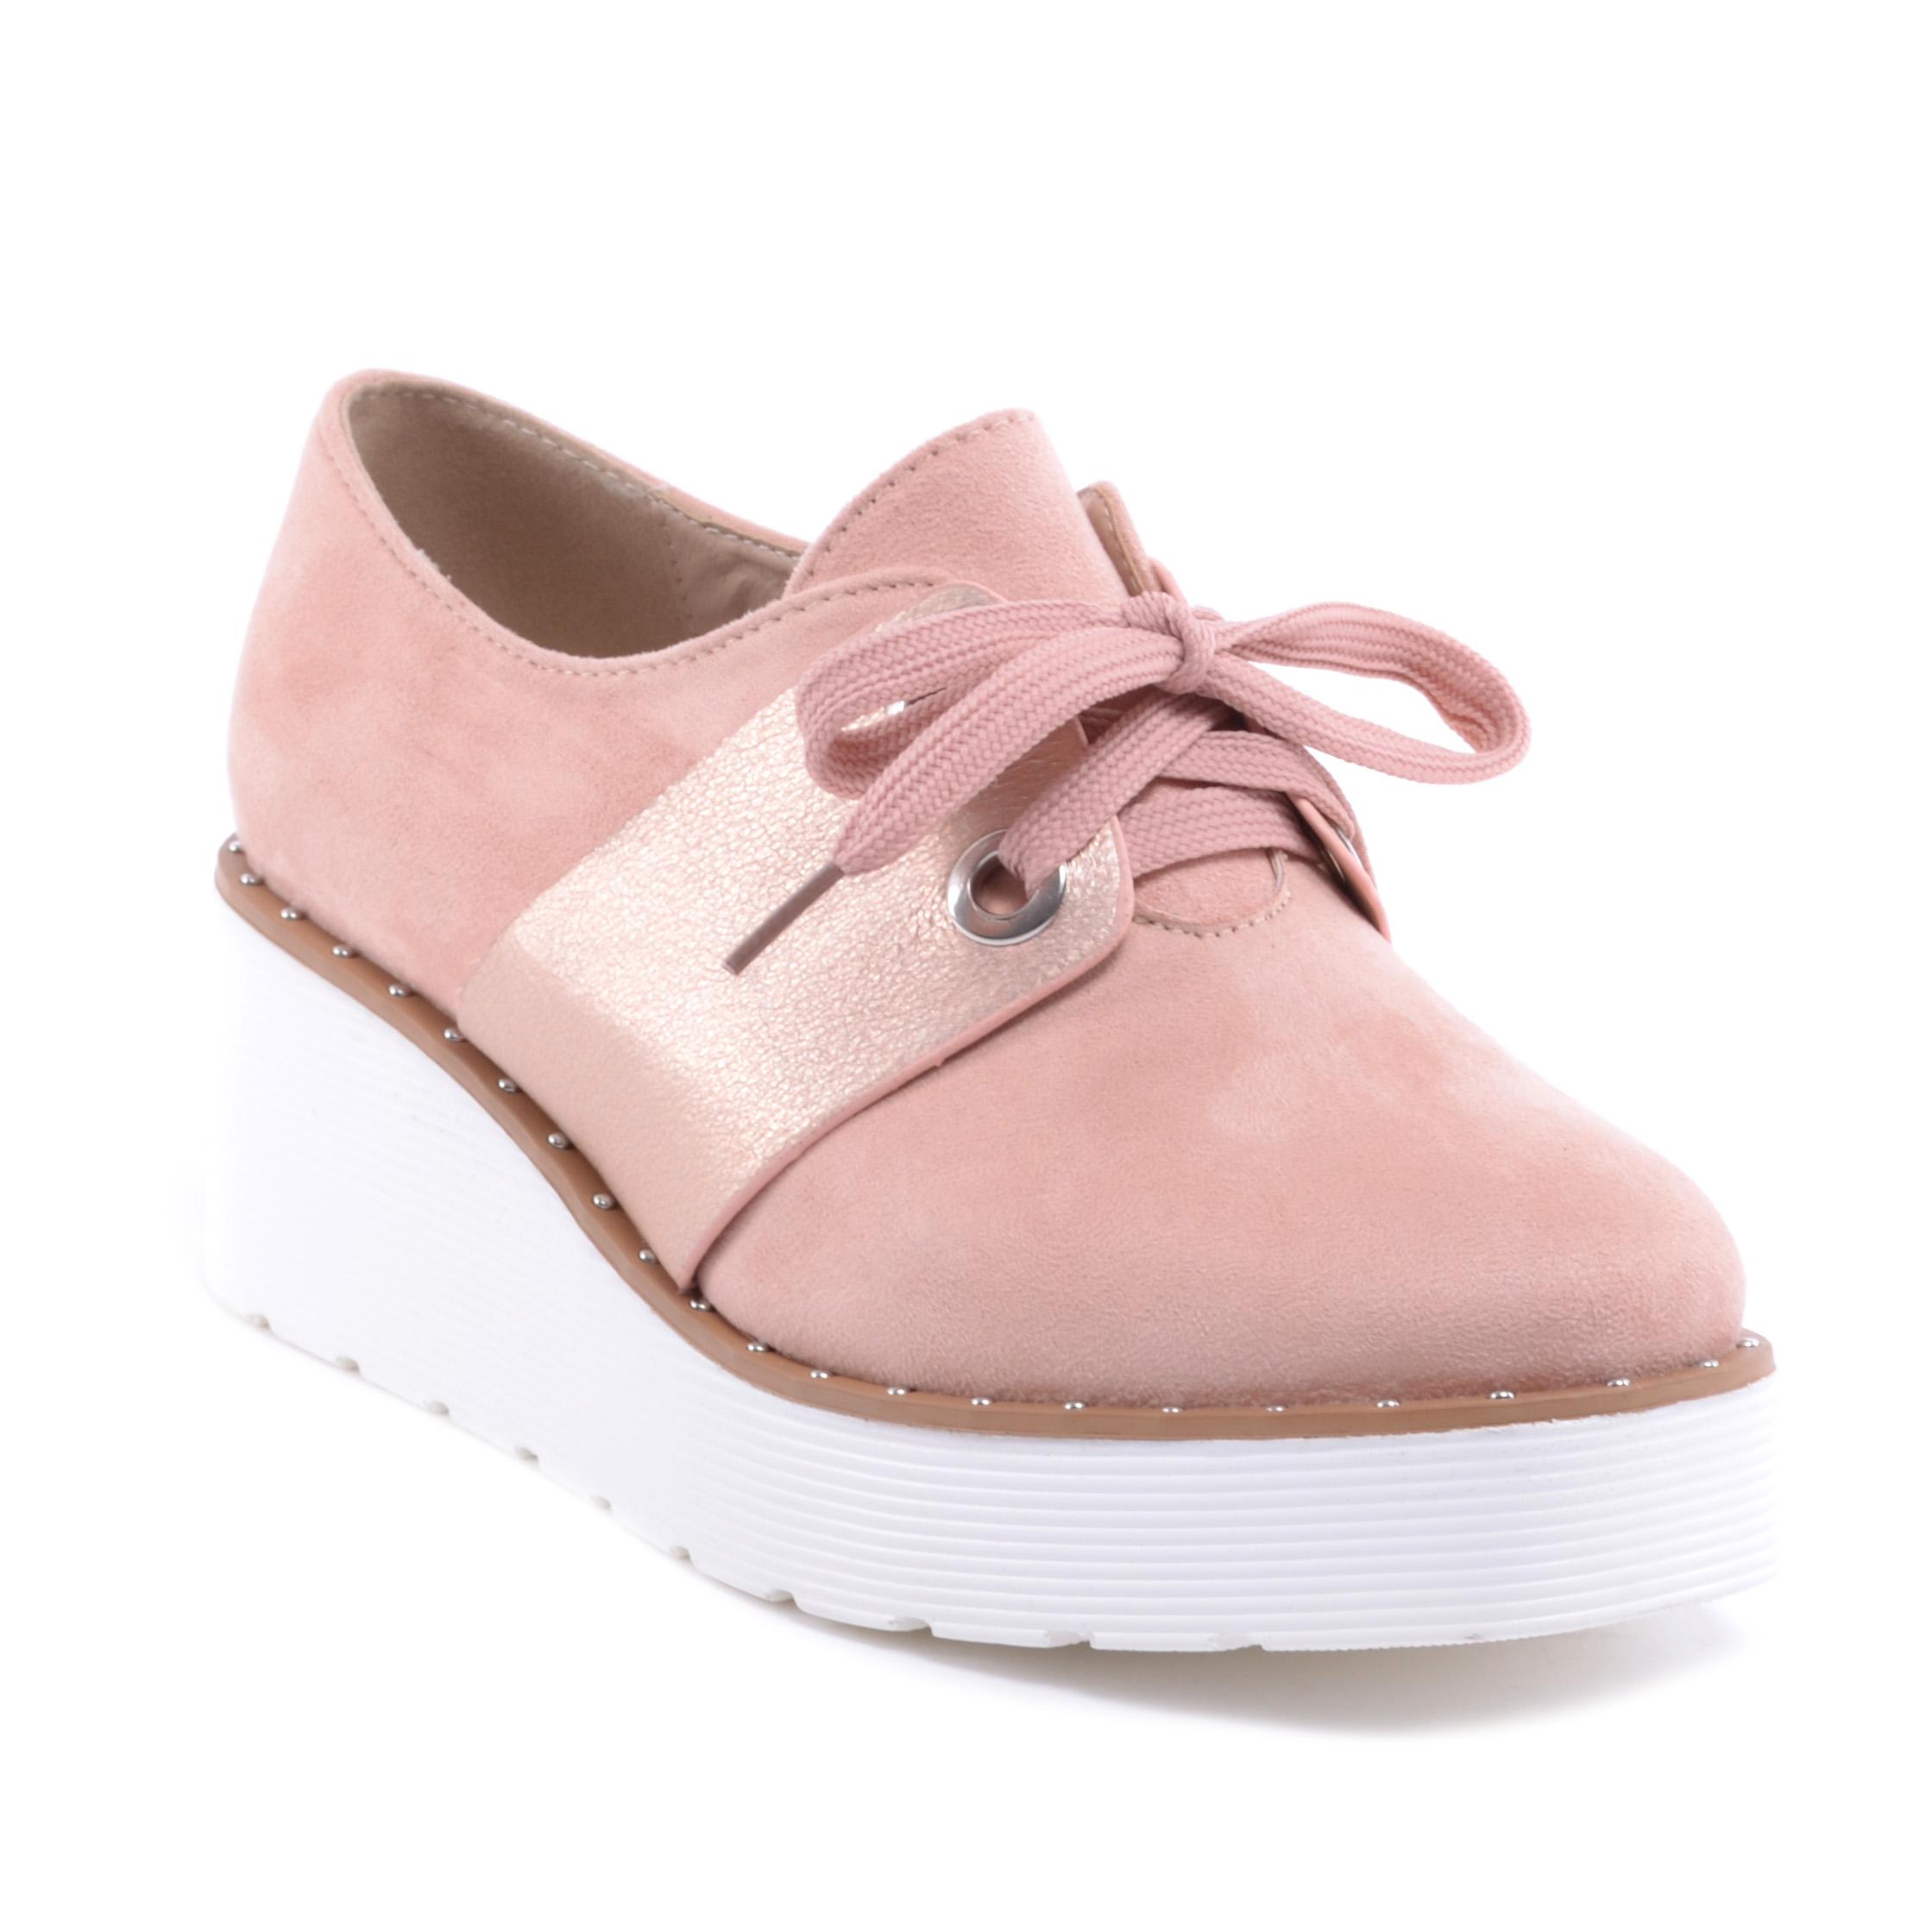 9c4ae5ac34b2 Női Művelúr Félcipő Cipő Rózsaszín - MAGAS TALPÚ - Női cipő webáruház-női  csizmák, női bakancsok, magassarkúk, női gumicsizma, magassarkú csizma, ...